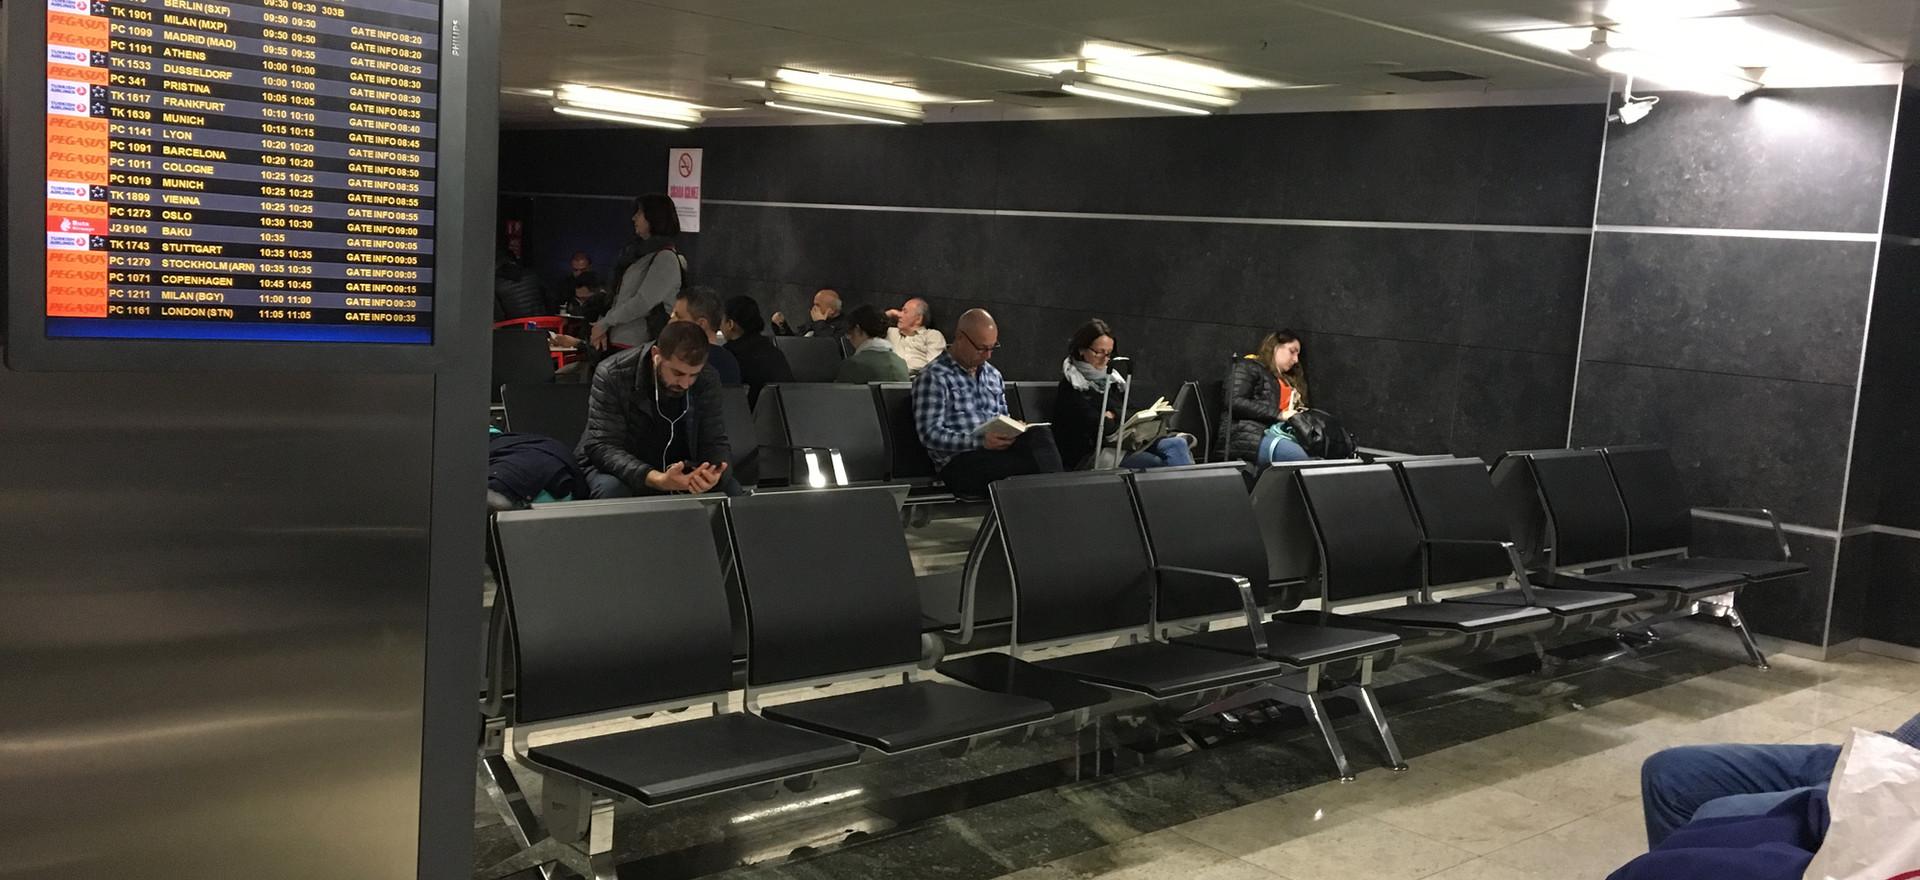 Havaalanı Bekleme Koltukları